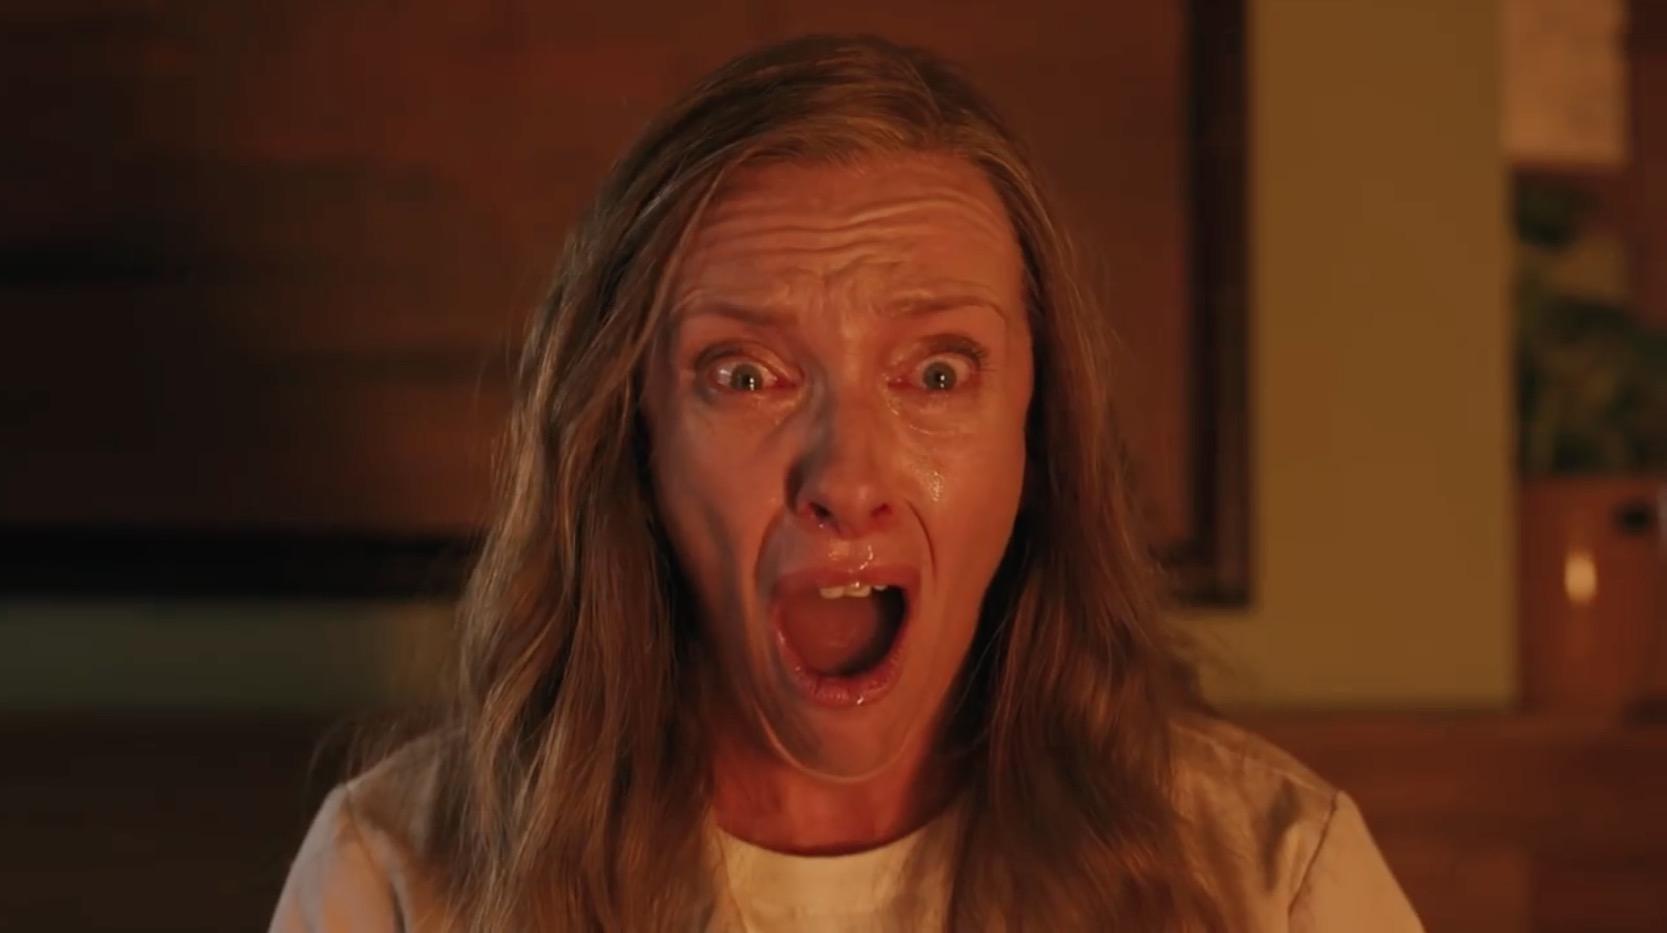 Mujeres en el terror, las nuevas scream queens del cine actual